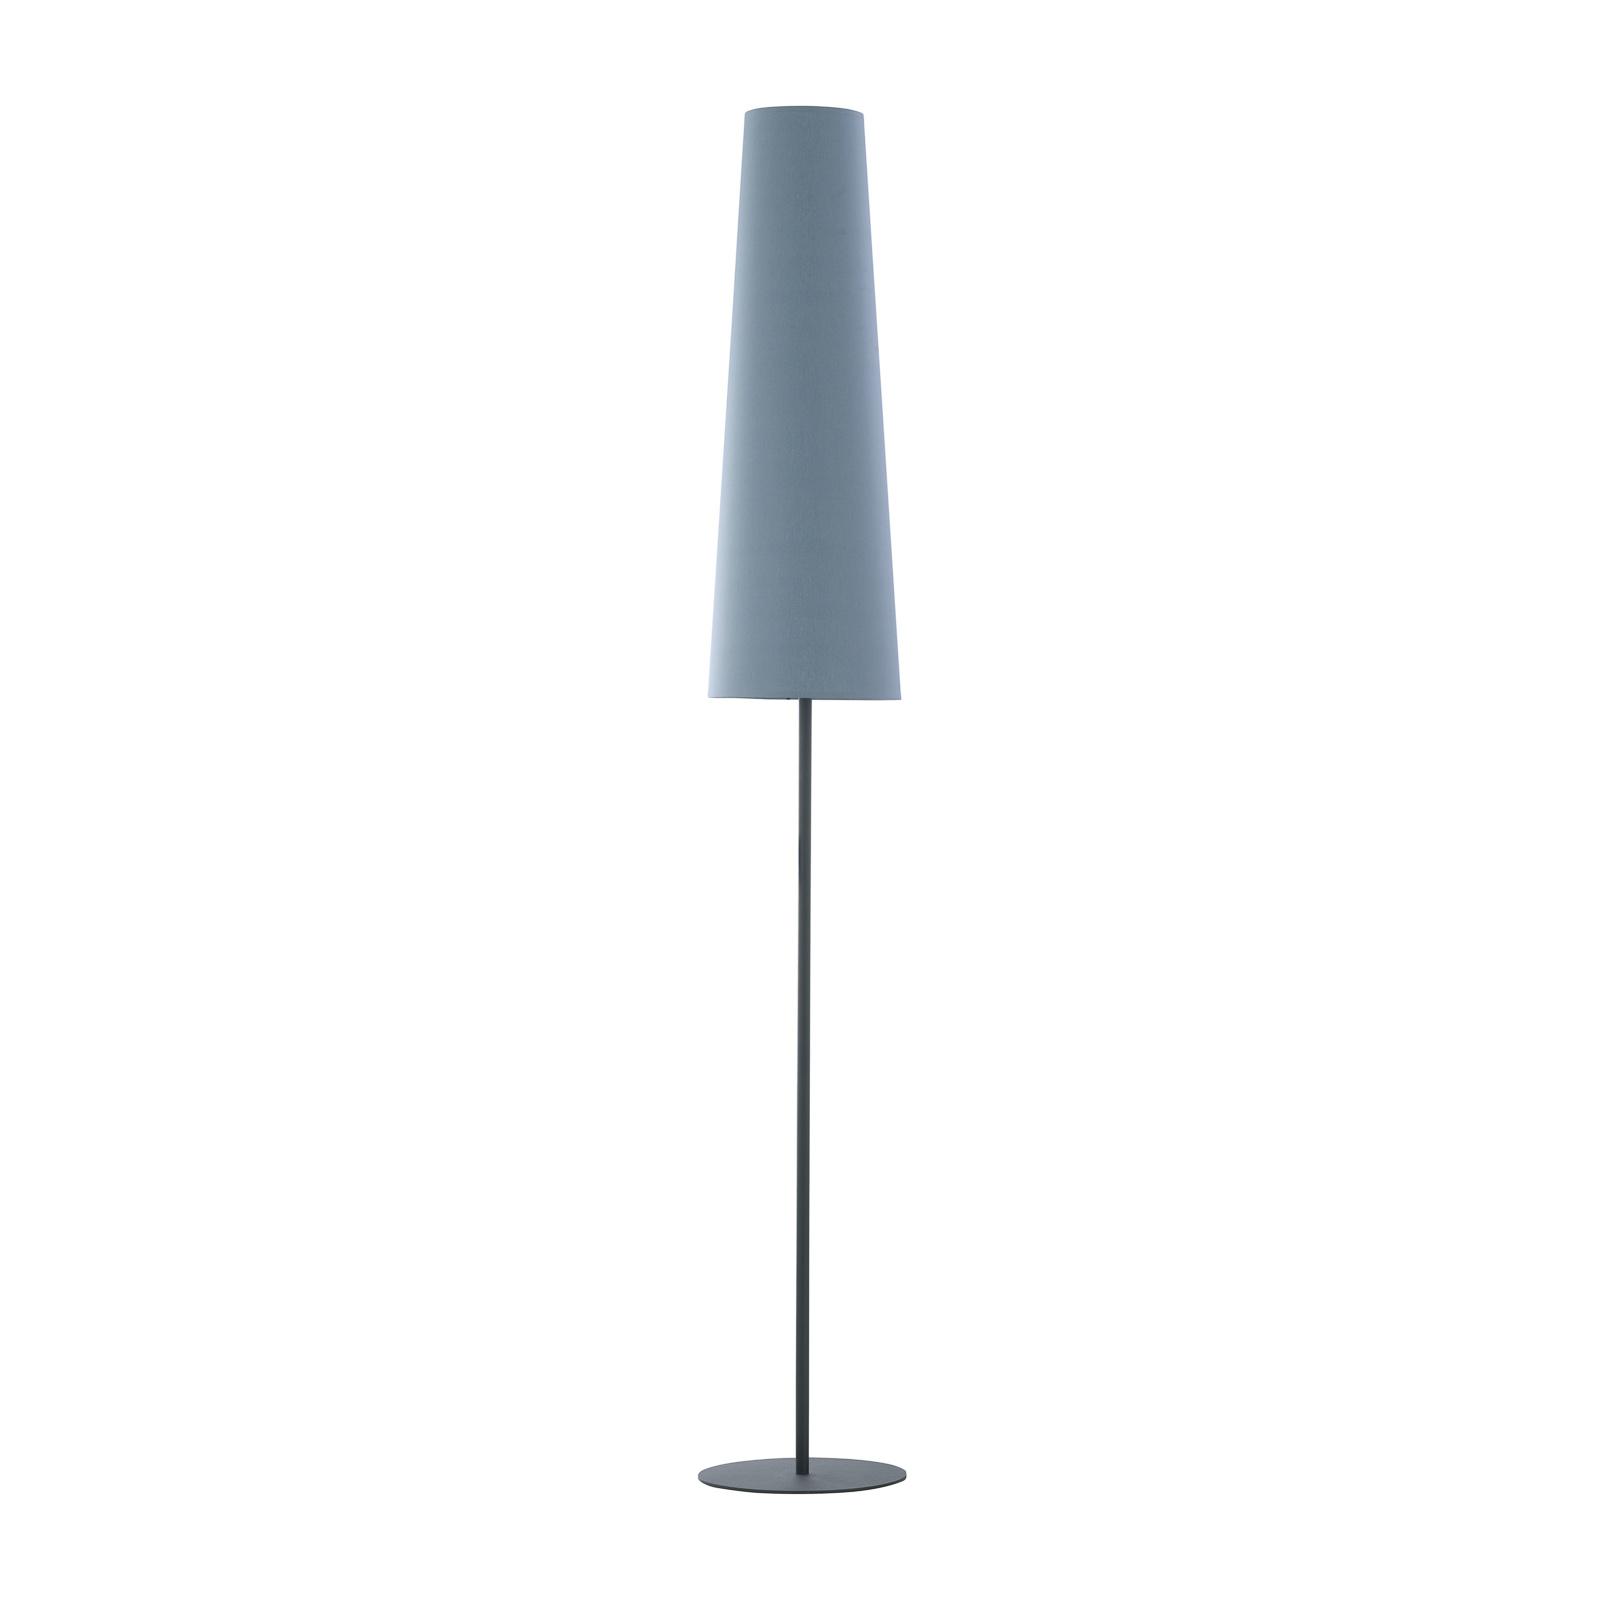 Stehleuchte Umbrella, Höhe 168 cm, blau